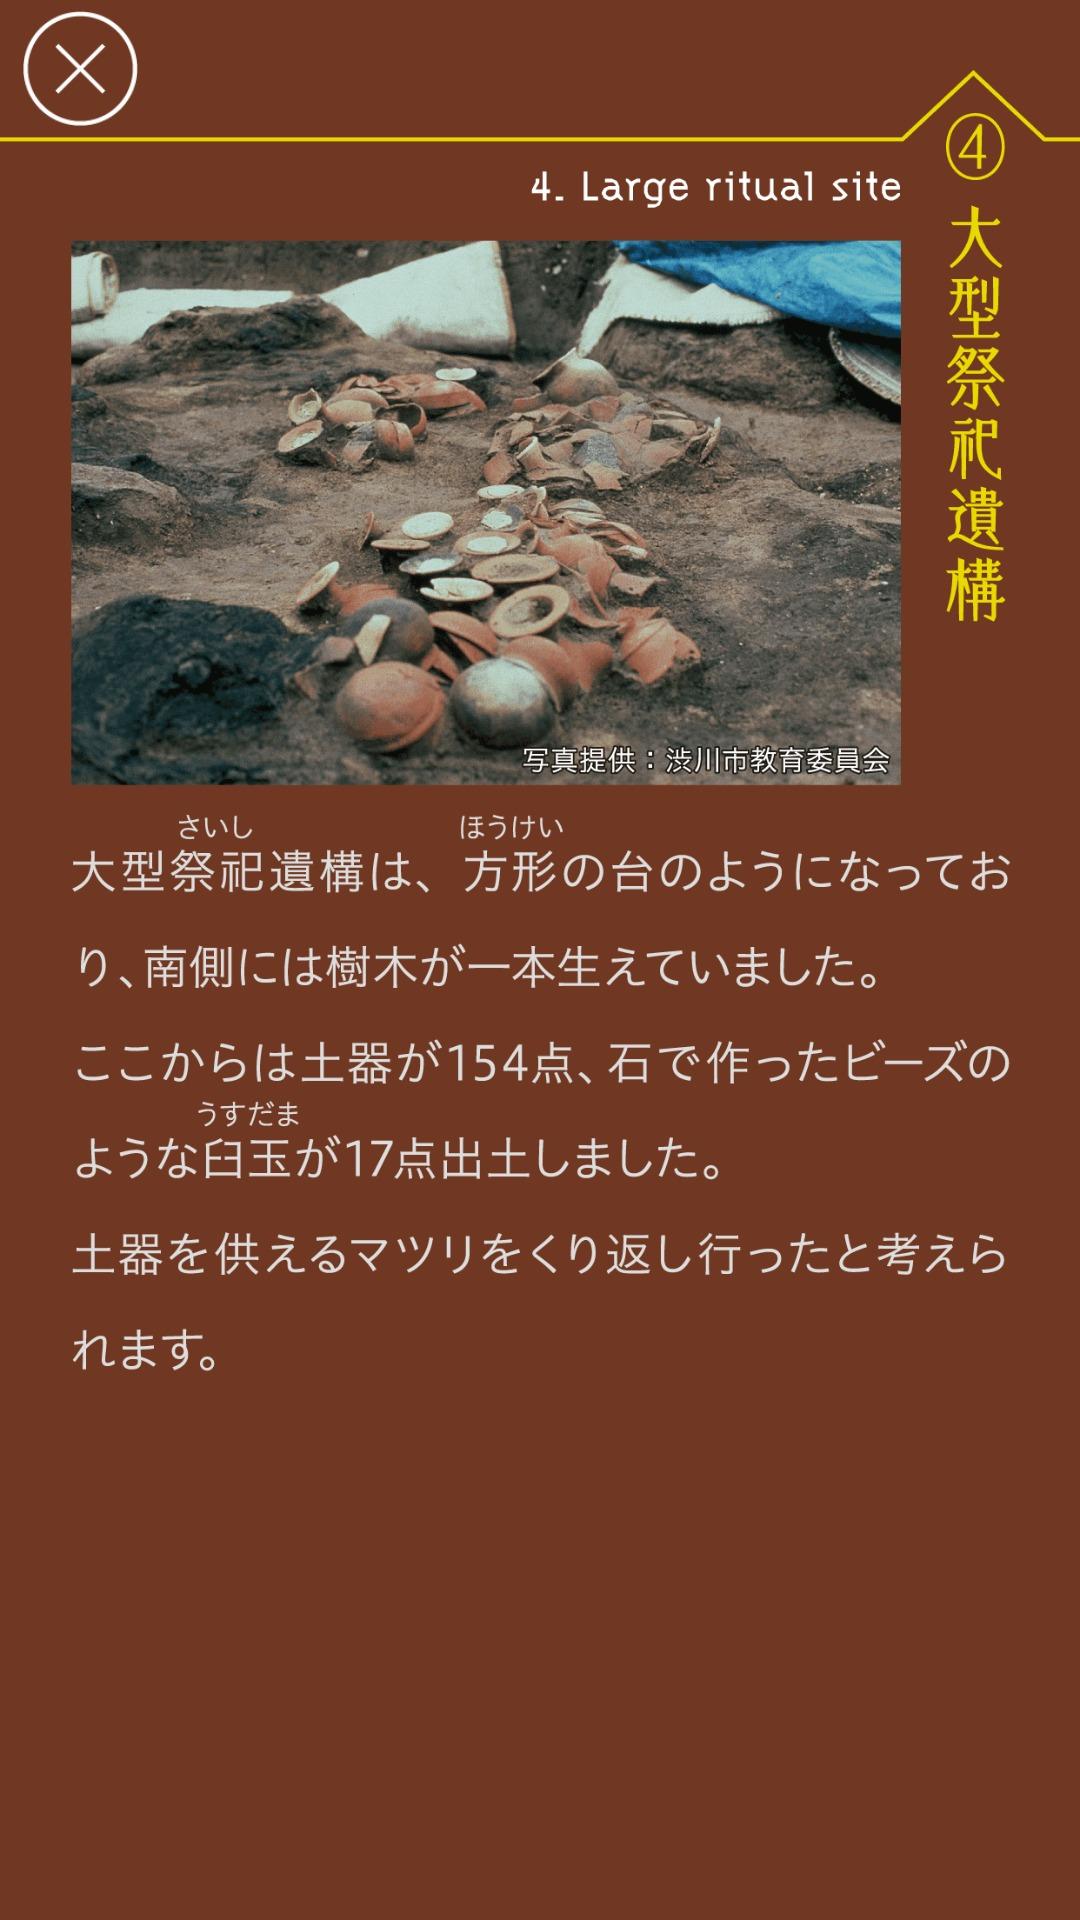 黒井峯トラベル 大型祭祀遺構